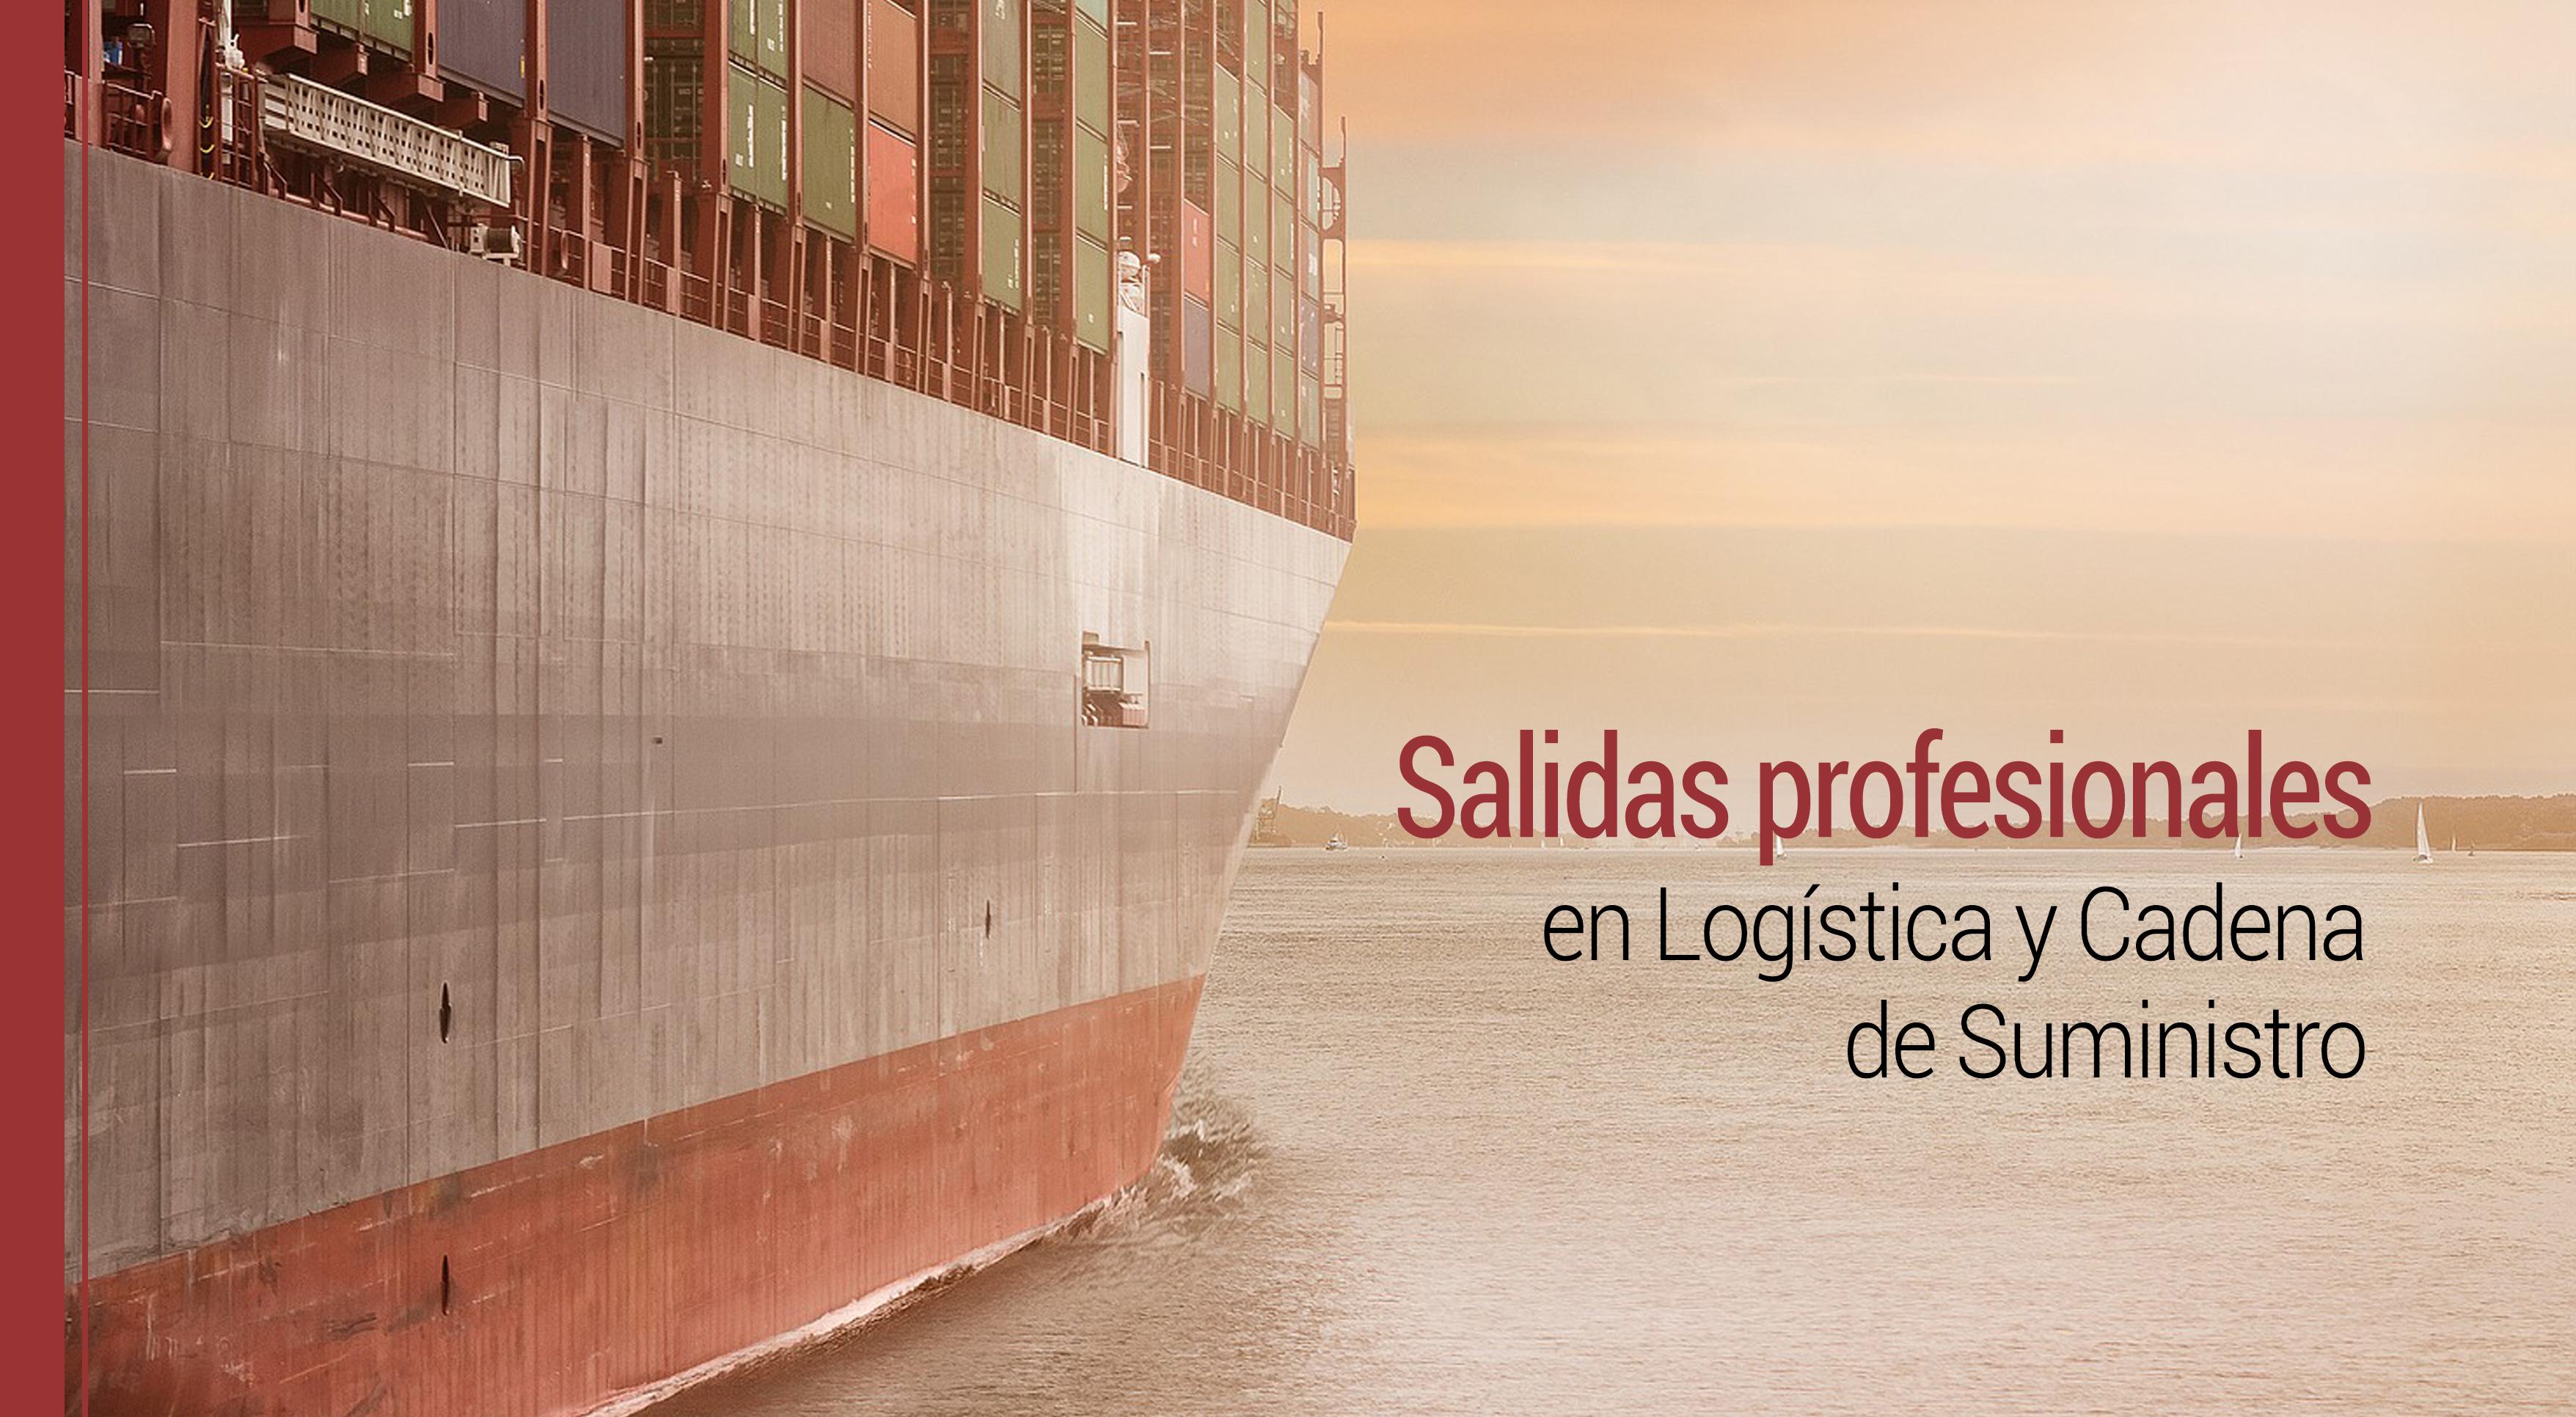 Salidas-profesionales-logistica-cadena-de-suministro